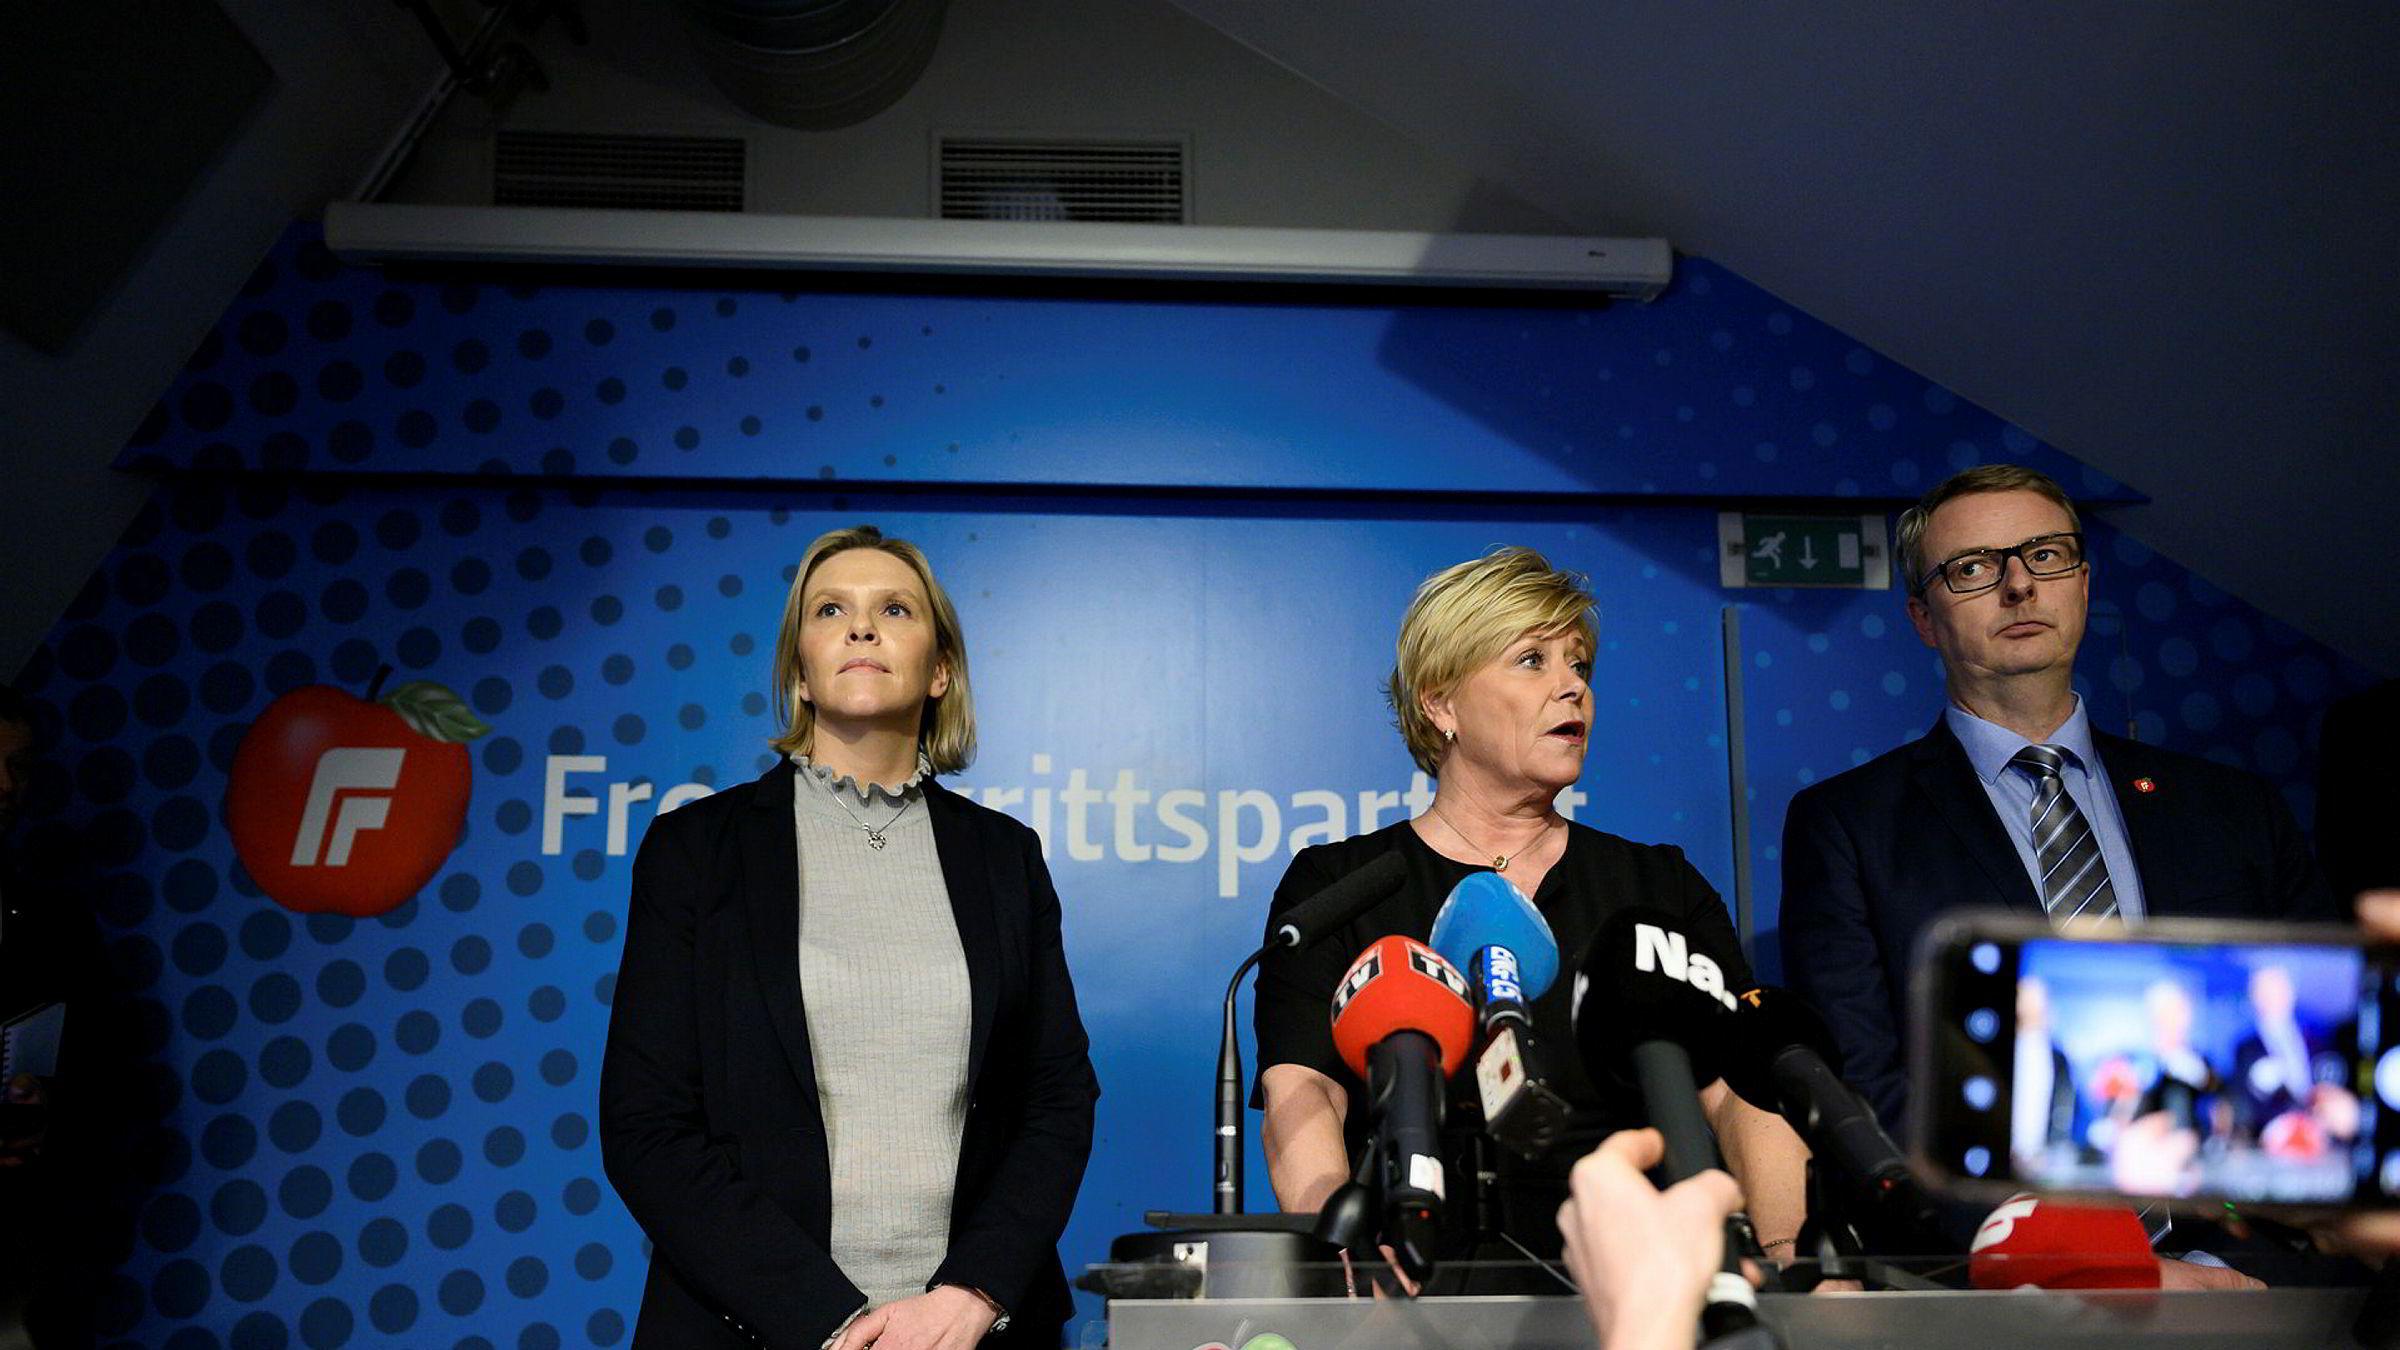 Fremskrittspartiet går ut av dagens regjering varslet Siv Jensen og partiledelsen på en pressekonferanse i dag.